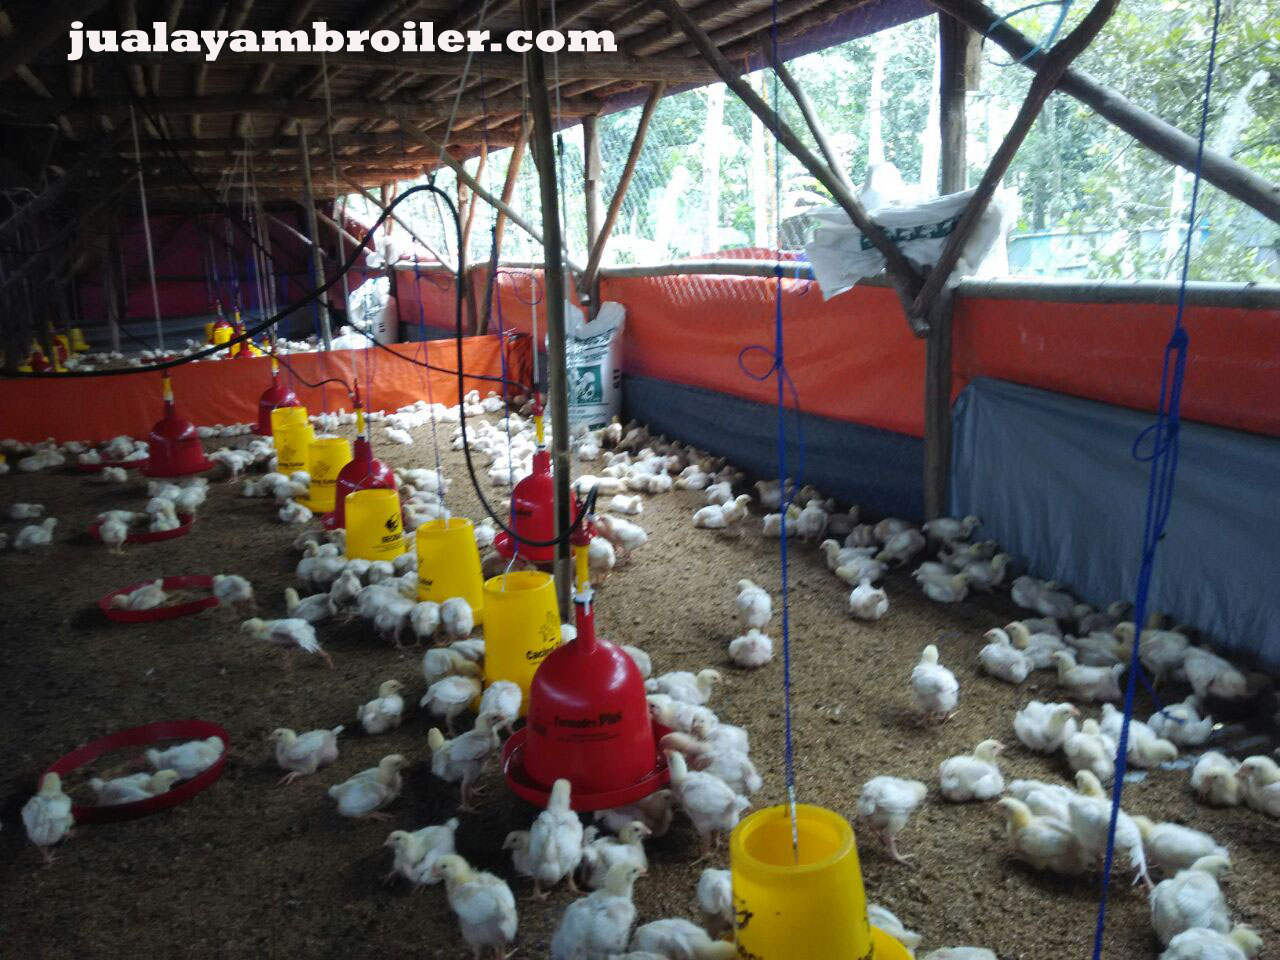 Jual Ayam Broiler Jakarta Selatan